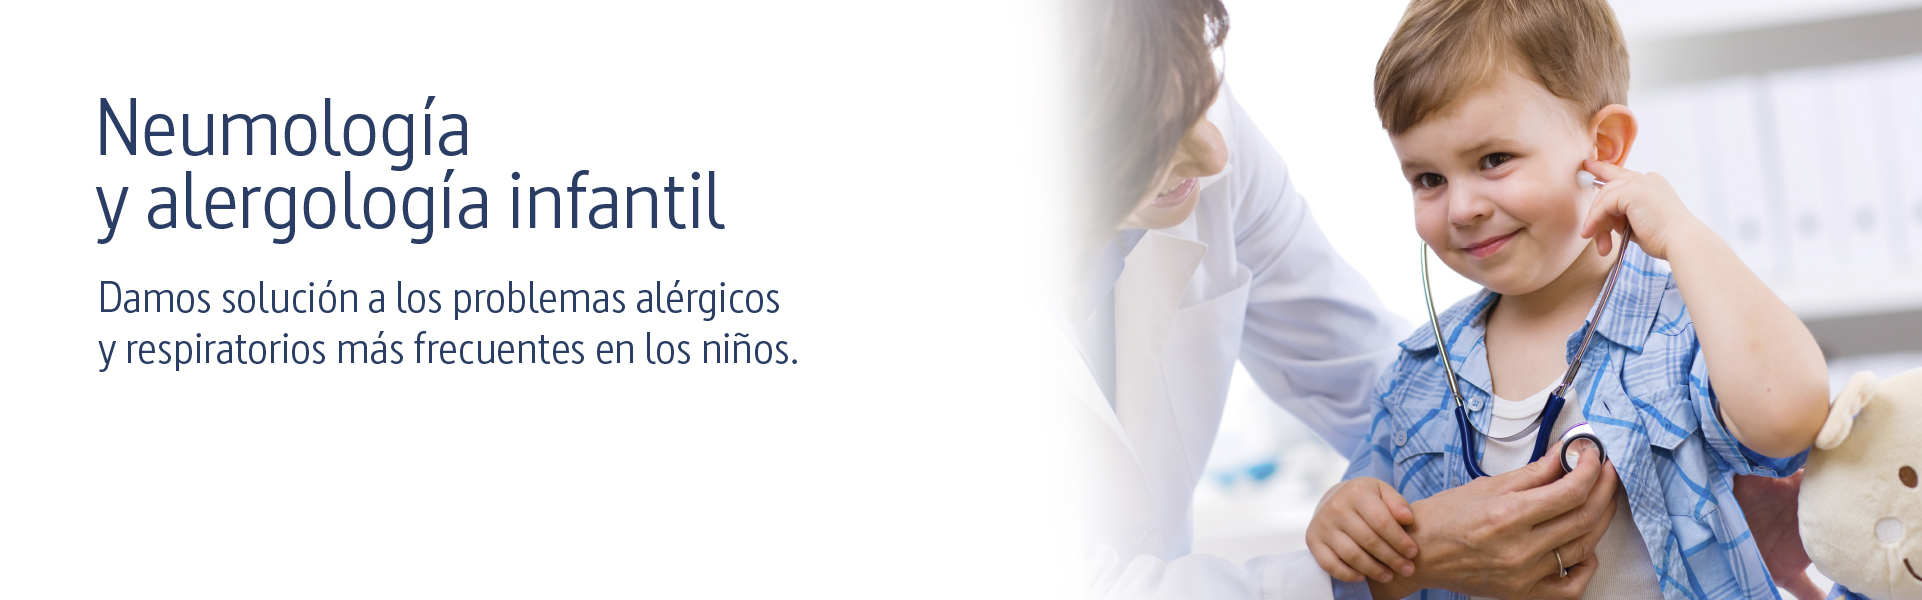 banner_neumologia